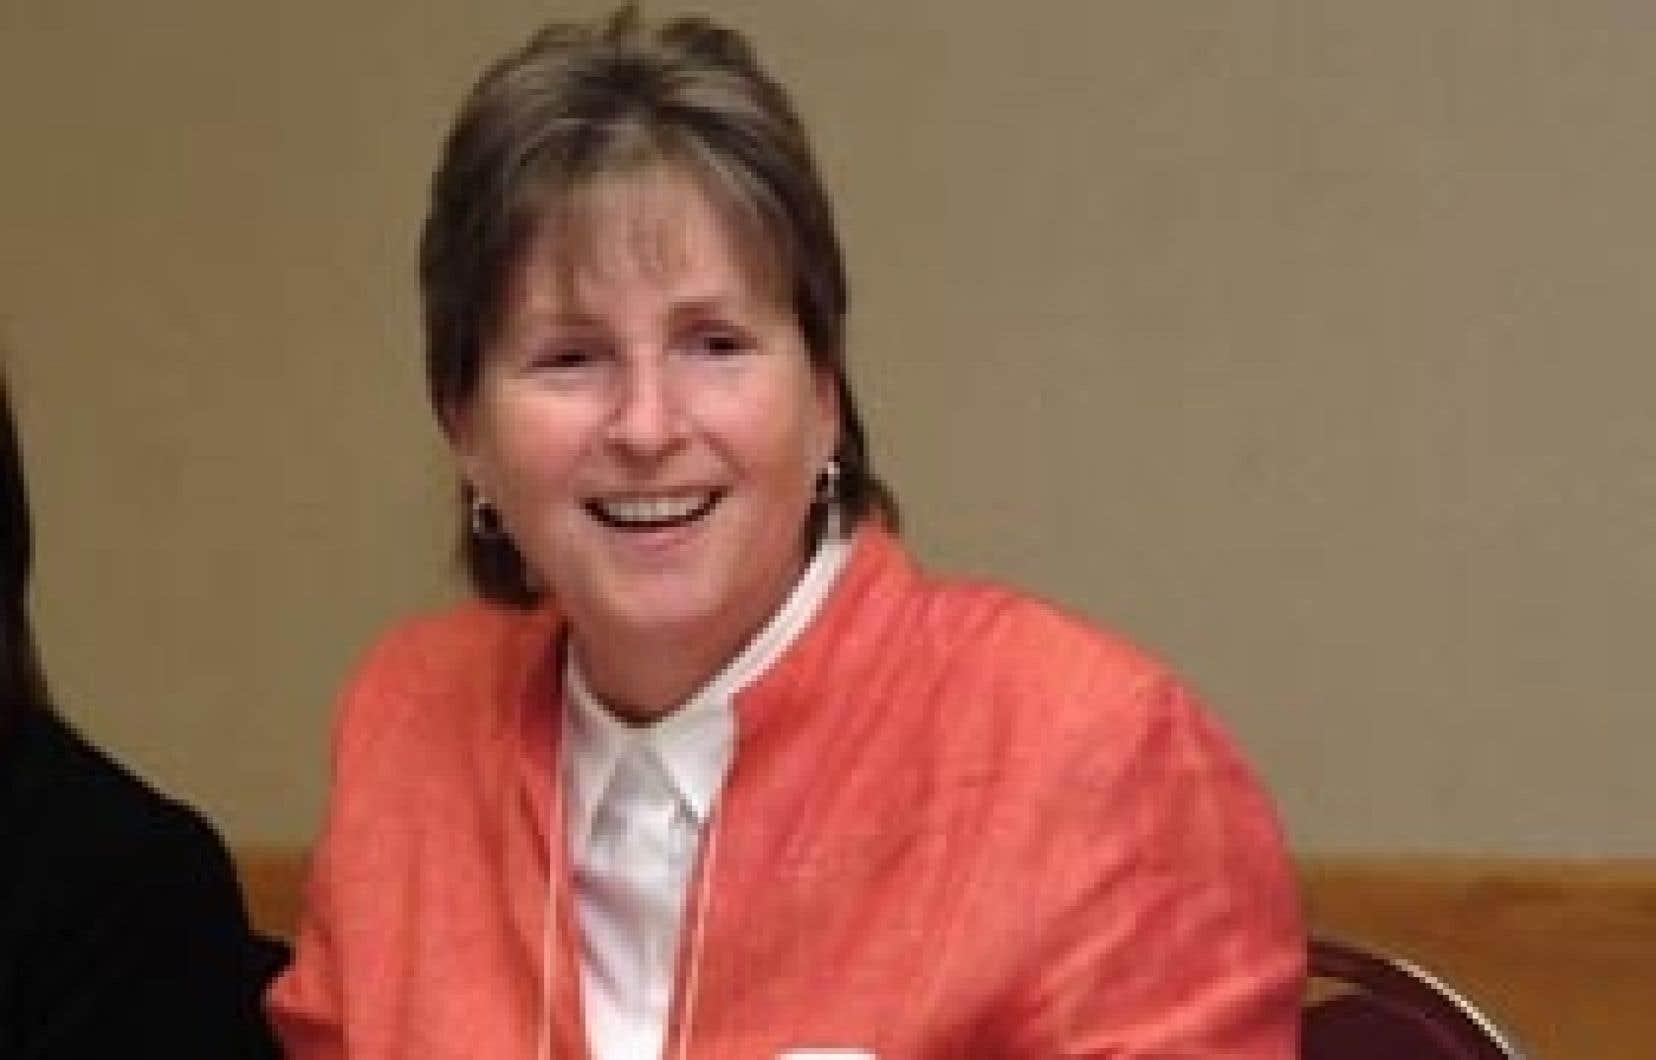 Lina Bonamie abandonnera en juin prochain son poste à la présidence de la Fédération inter-professionnelle de la santé du Québec.